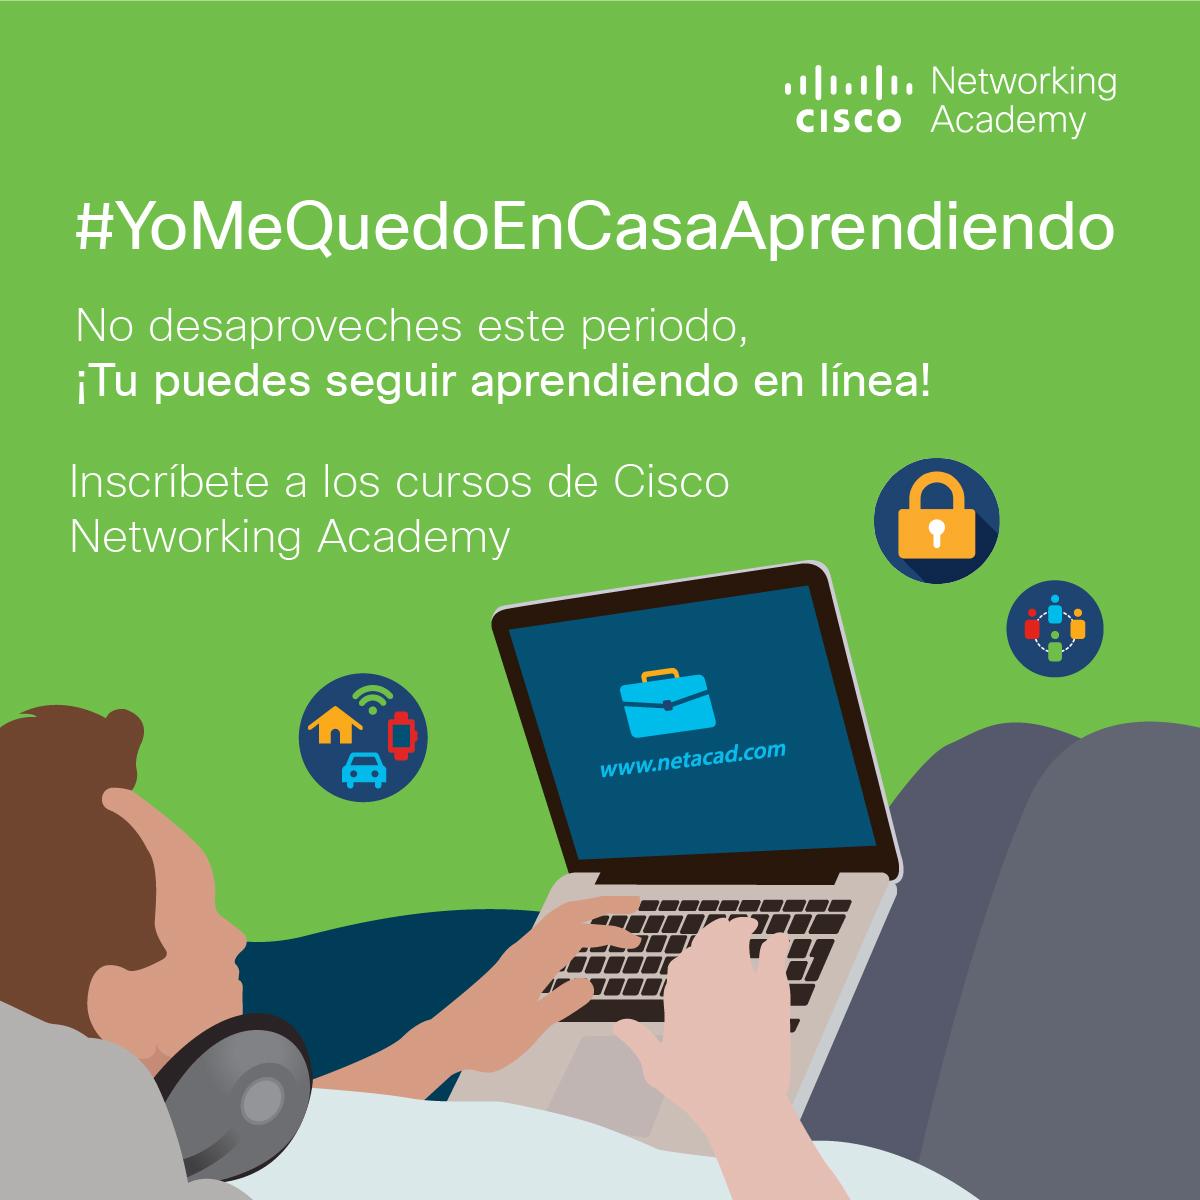 Cisco Networking Academy El aprendizaje no tiene que detenerse en estos tiempos difíciles